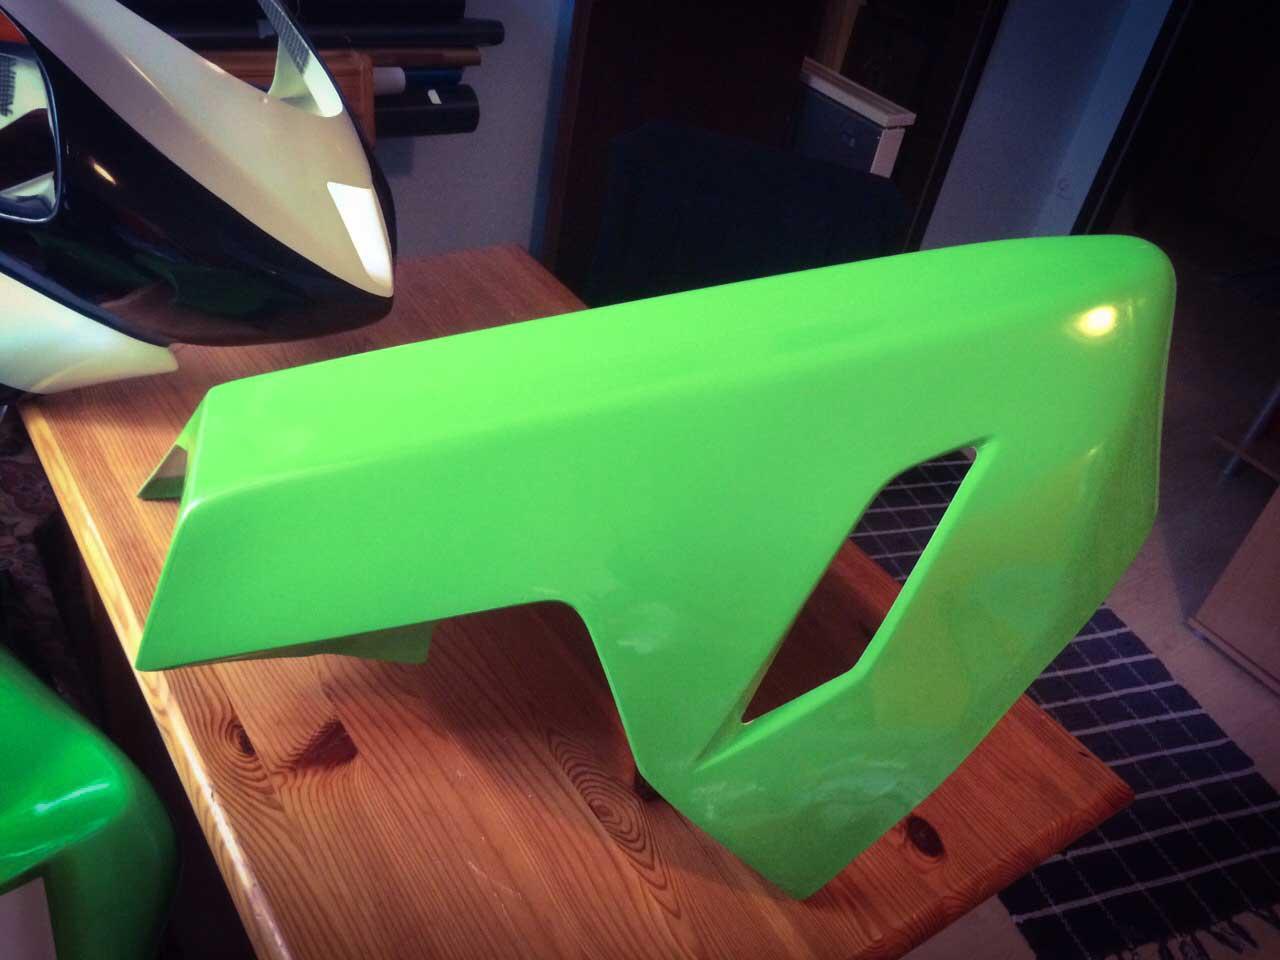 Folie zur BEklebung von Motorrad - grün